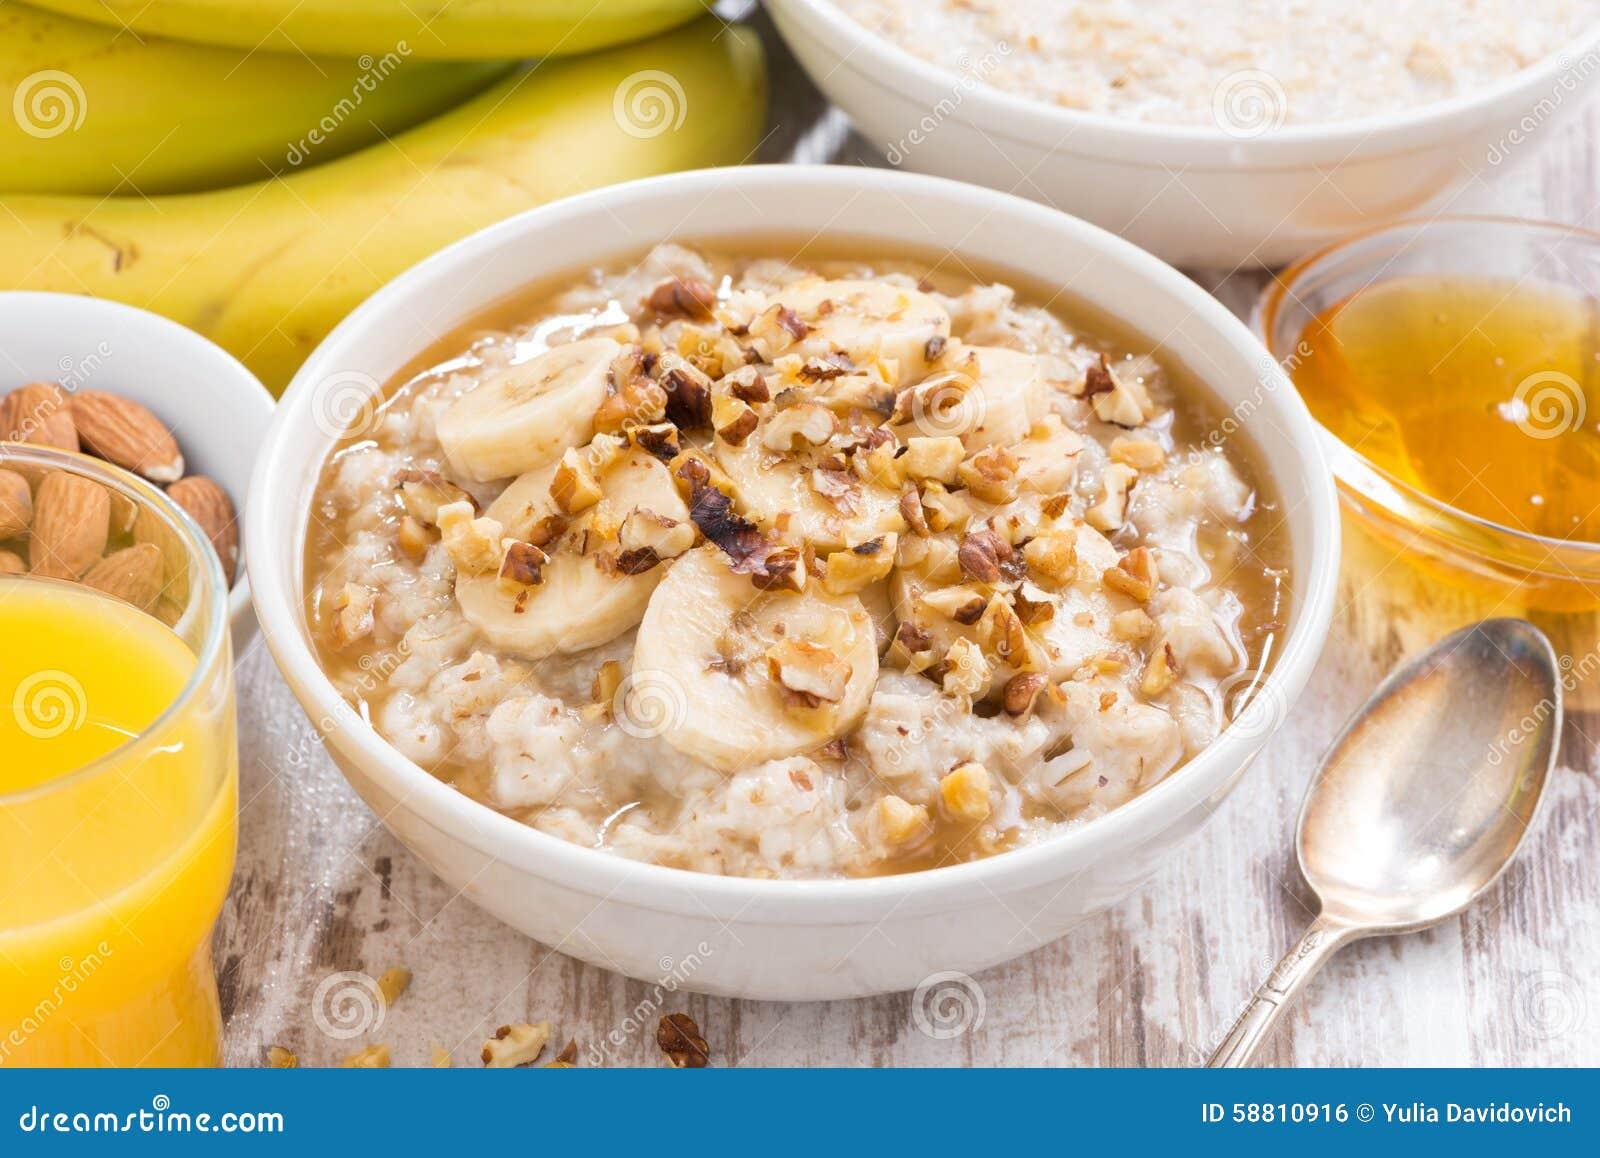 Gesundes Frühstück - Hafermehl mit Banane, Honig und Walnüssen